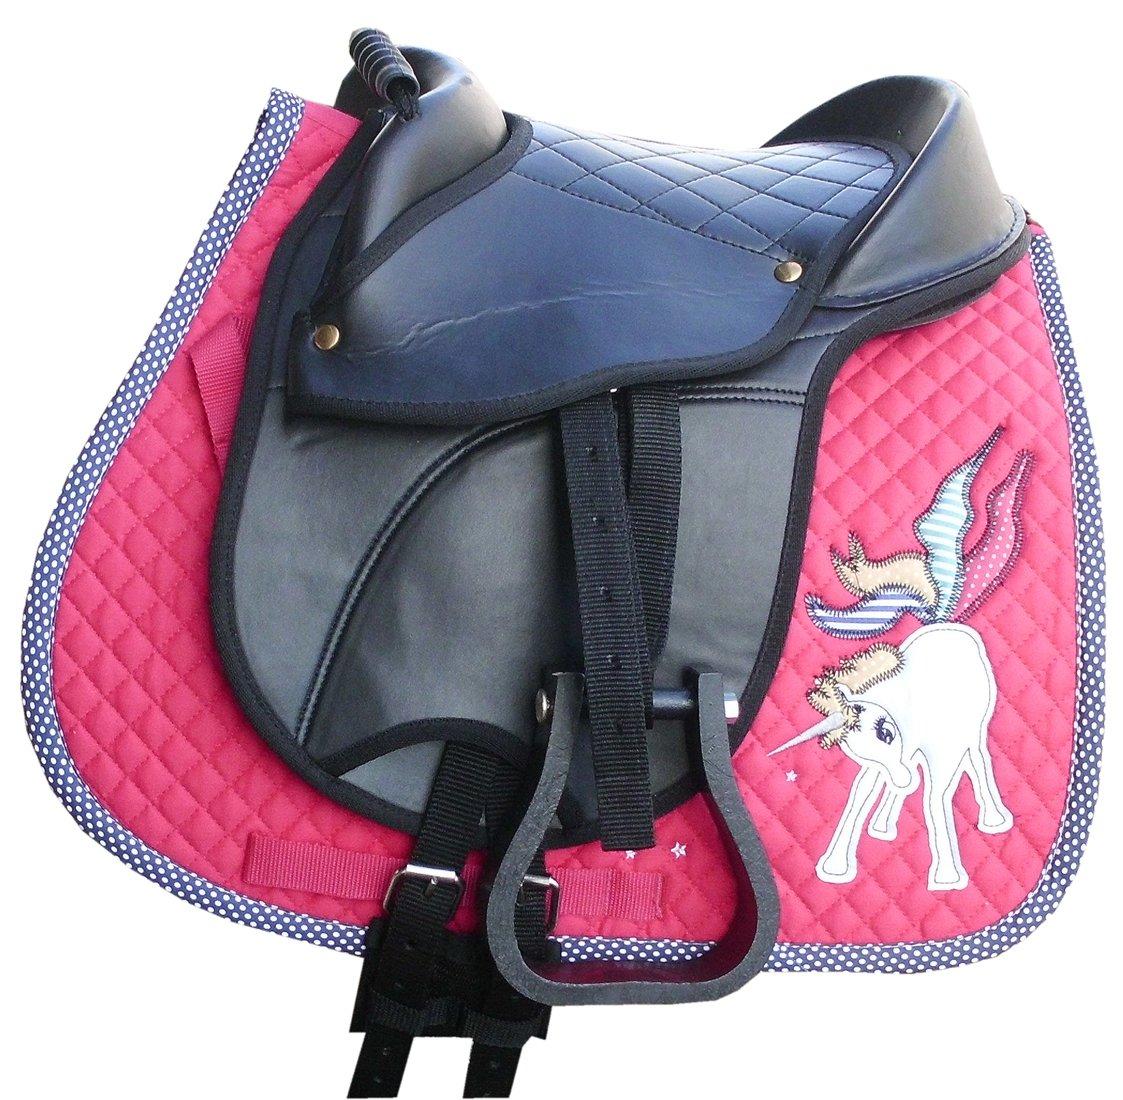 AMKA Shetty Reitkissen MARINA komplettes Set mit Schabracke Unicorn in pink mit Einhorn, Riemen, Steigbügel und Sattelgurt | auch für Holzpferde geeignet Die Lieferung der Steigbügel kann variieren!